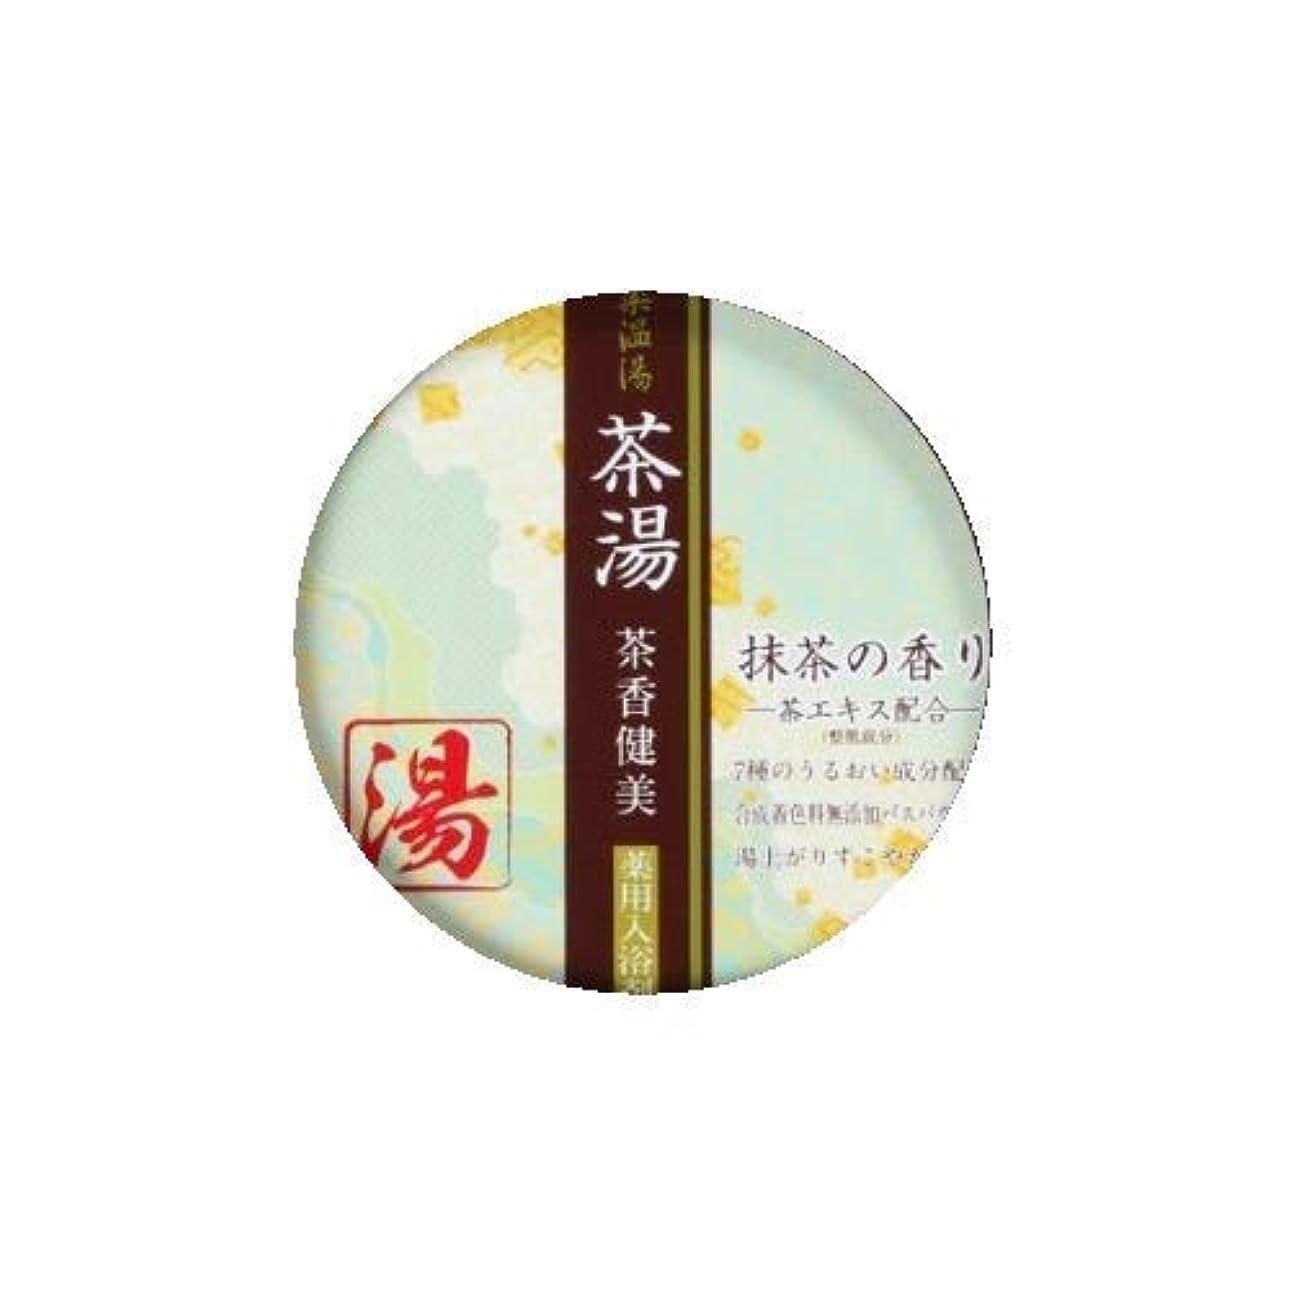 排気乞食極めて重要な薬温湯 茶湯 入浴料 抹茶の香り POF-10M